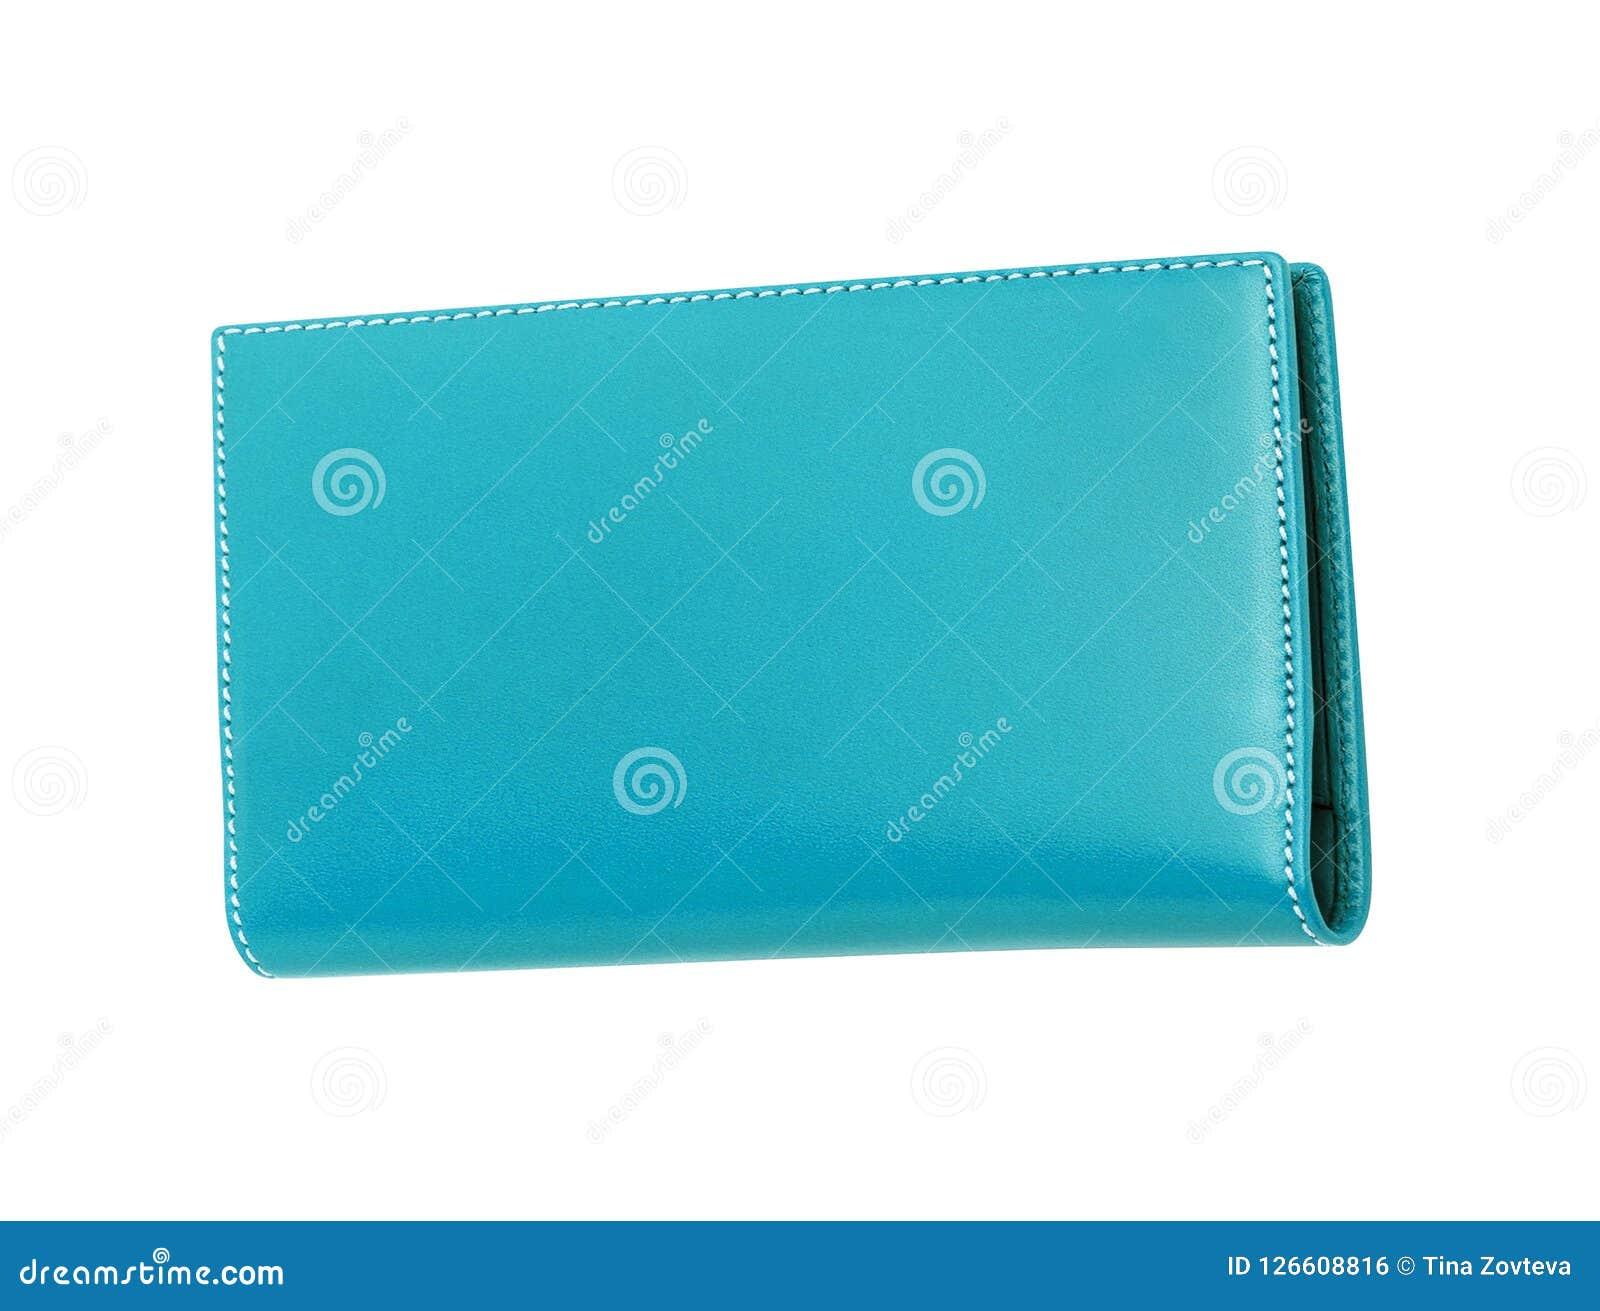 Caixa de couro azul isolada